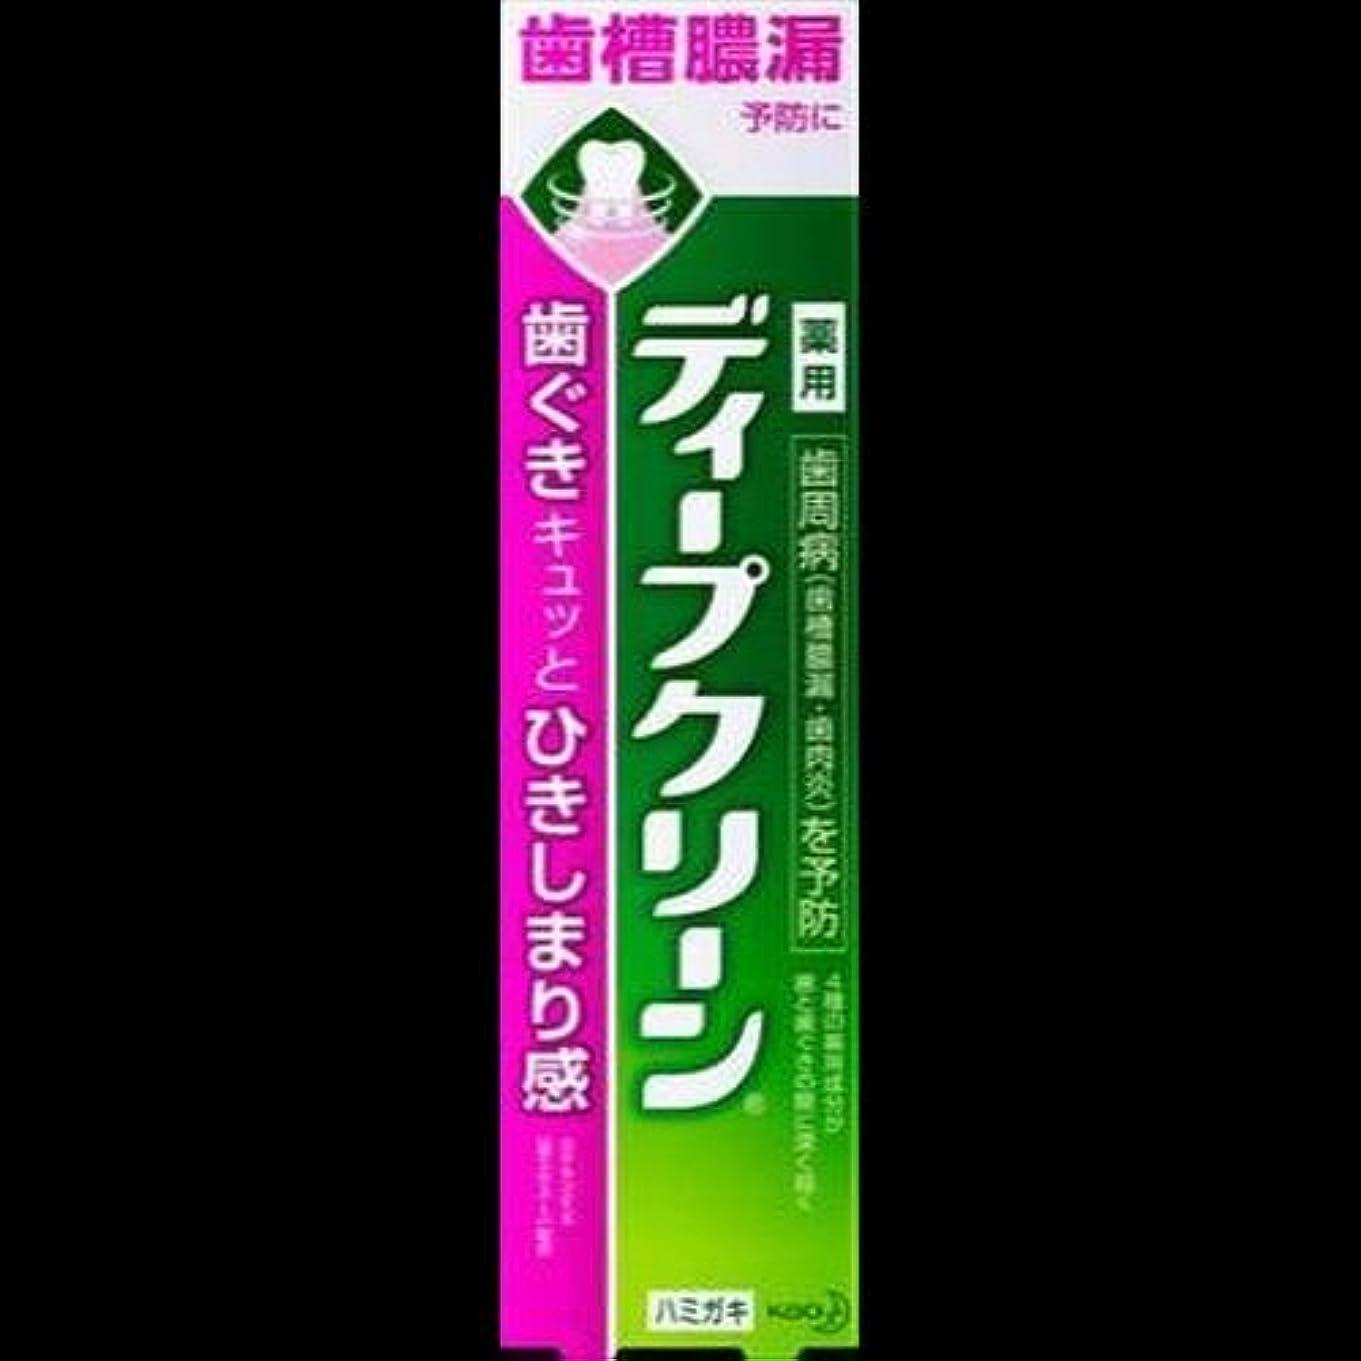 スナップ受粉者砦【まとめ買い】ディープクリーン 薬用ハミガキ 100g ×2セット